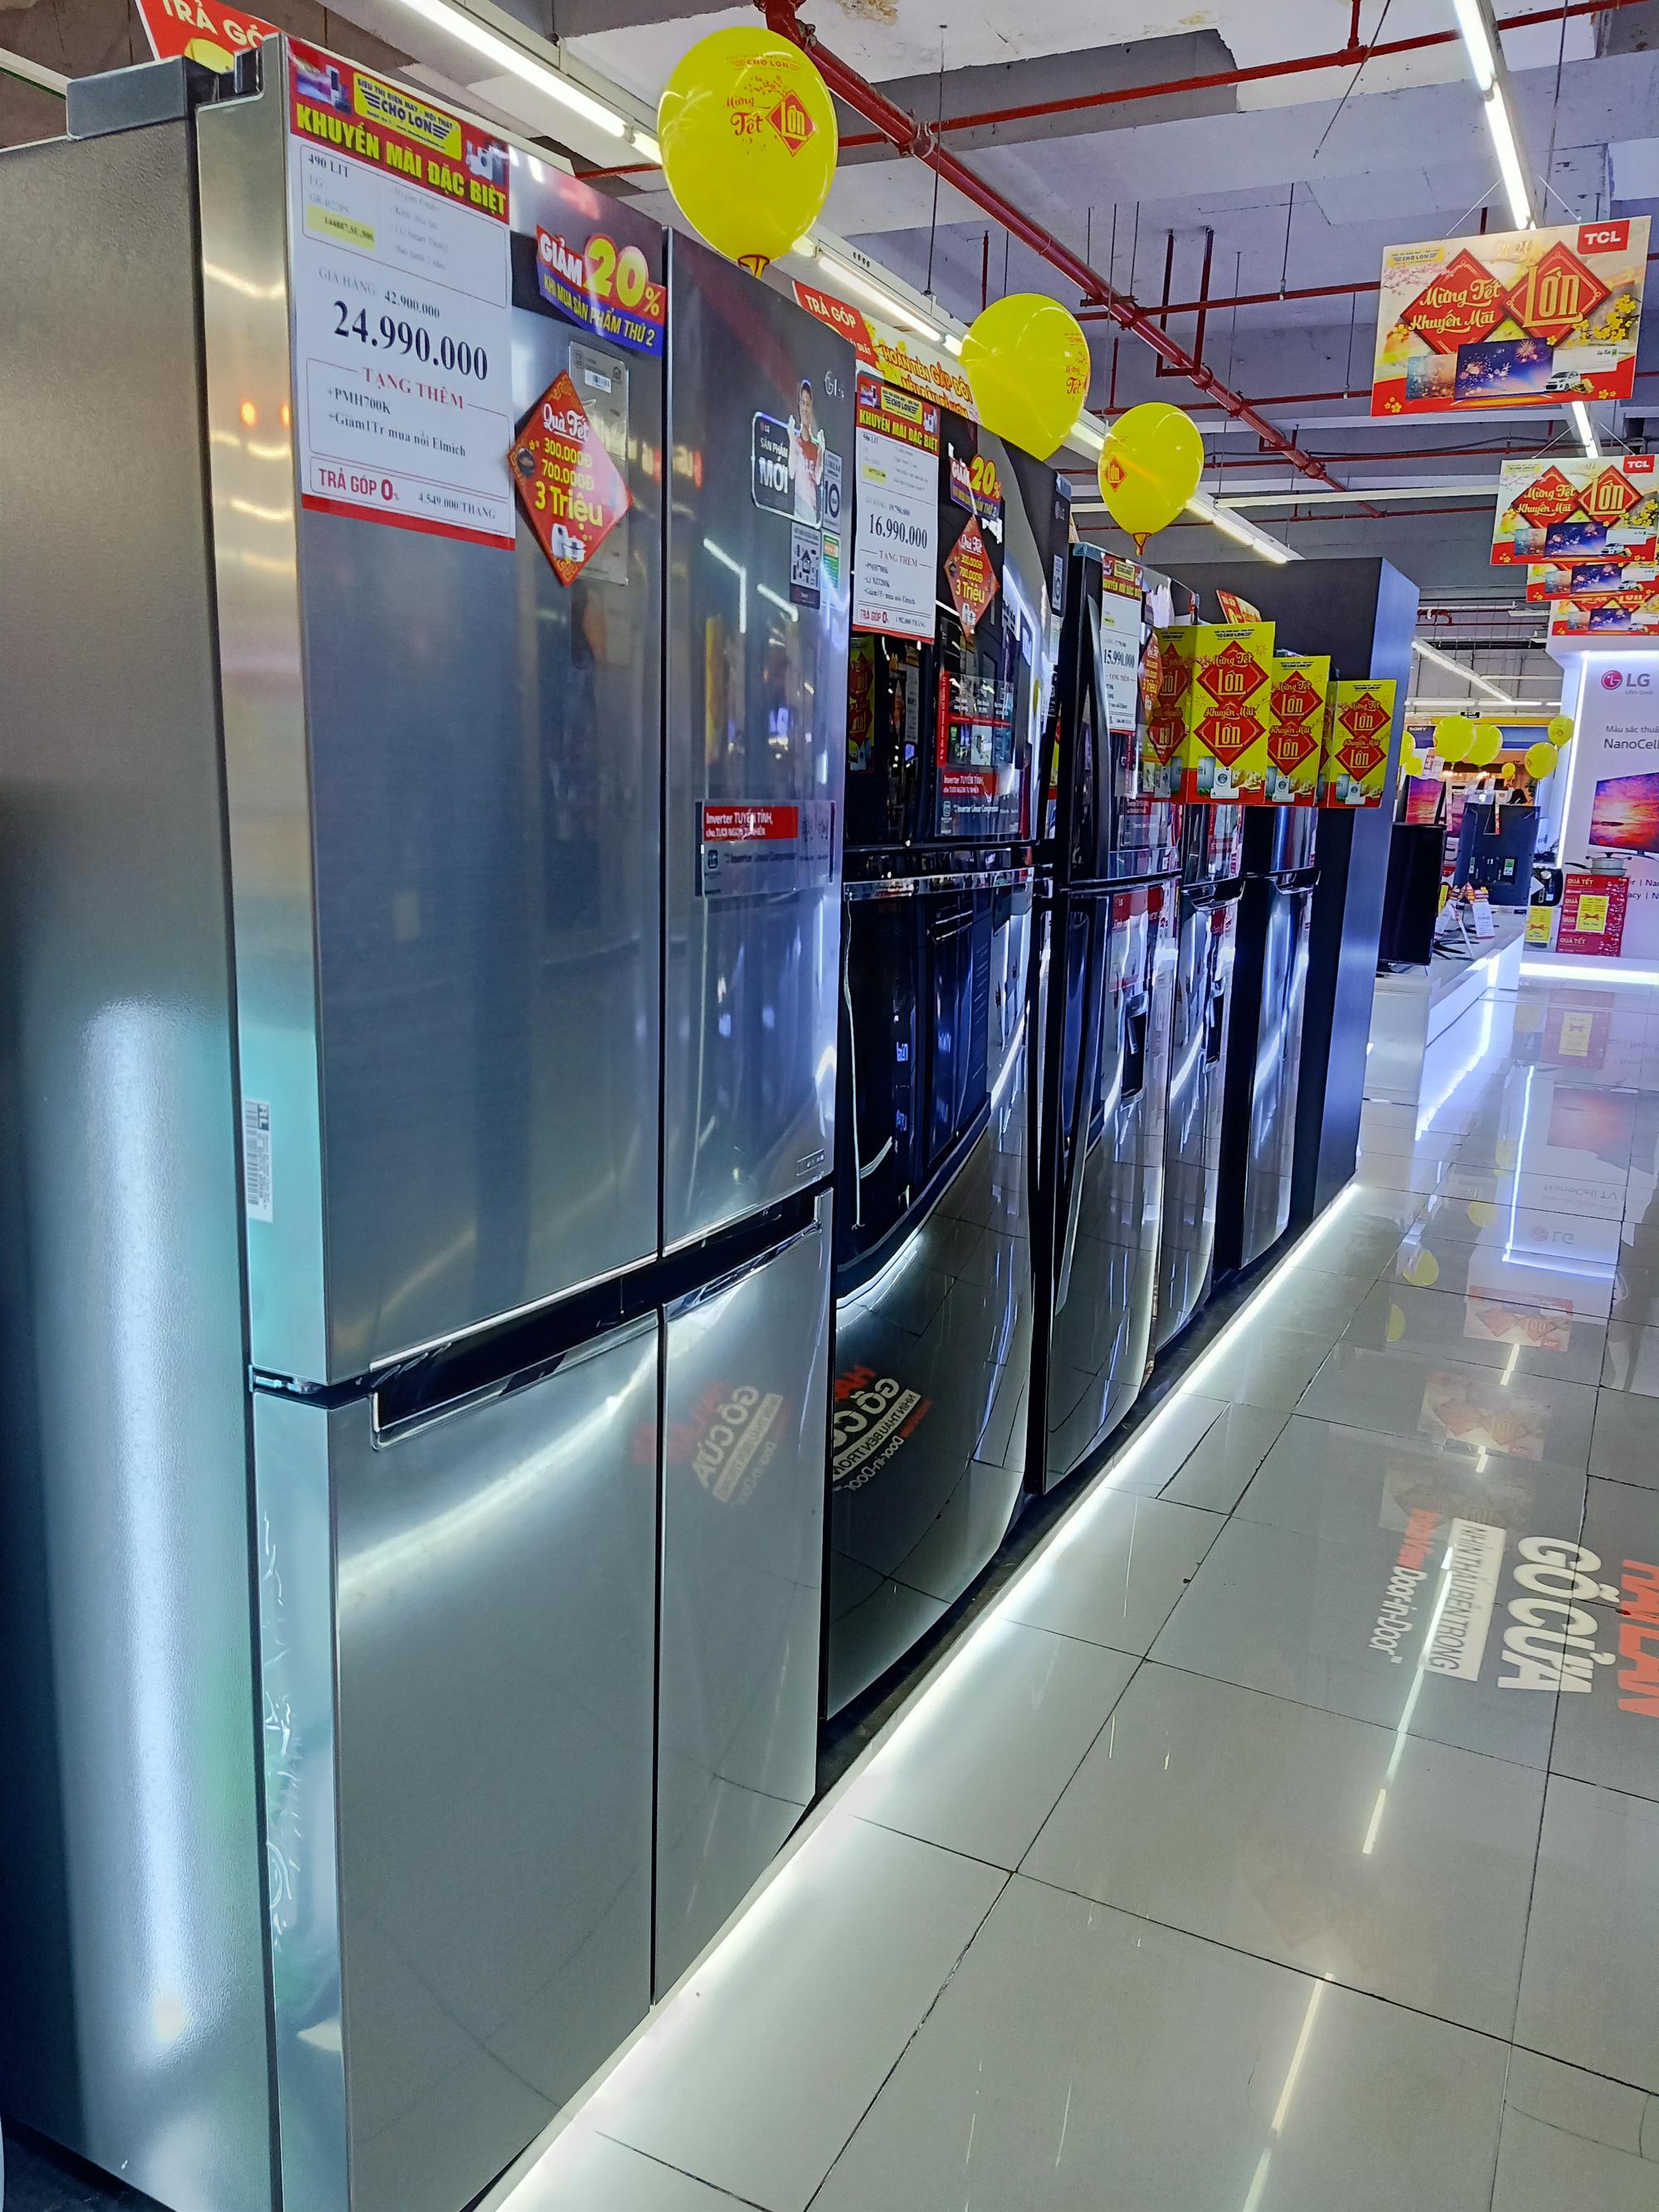 Điện lạnh giảm giá: Tủ lạnh có nhiều chương trình khuyến mãi khi nhu cầu dự trữ thức ăn tăng lên - Ảnh 1.